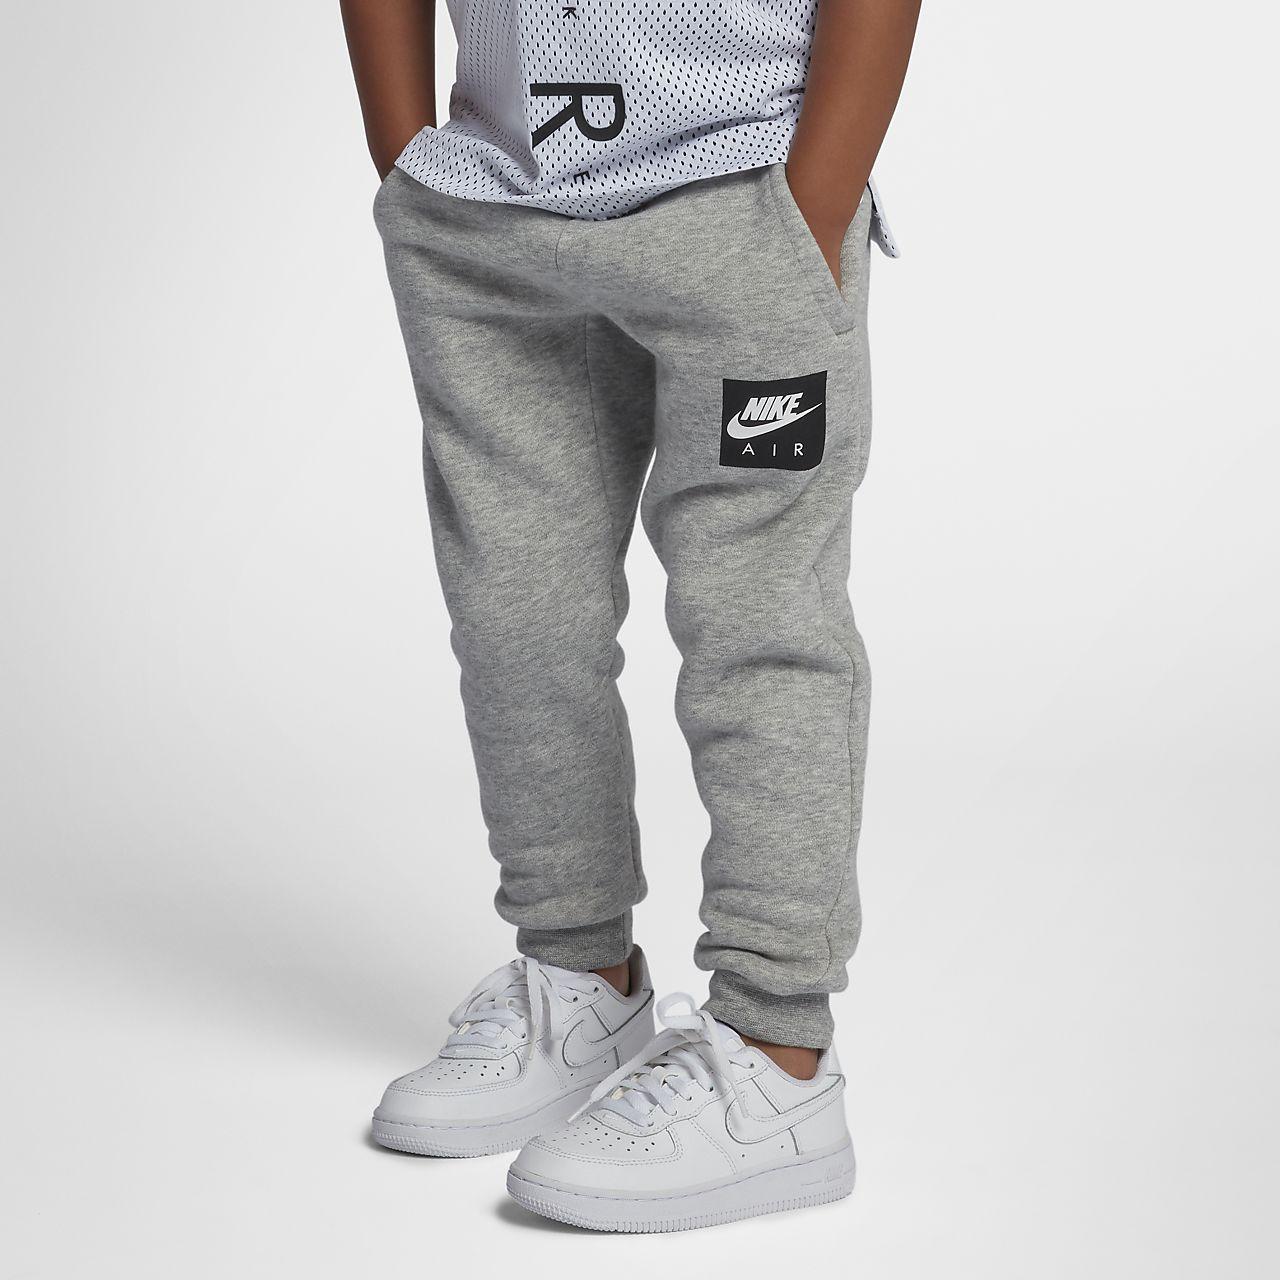 Pantaloni in in Pantaloni maglia Nike Air Bambini bedfe5